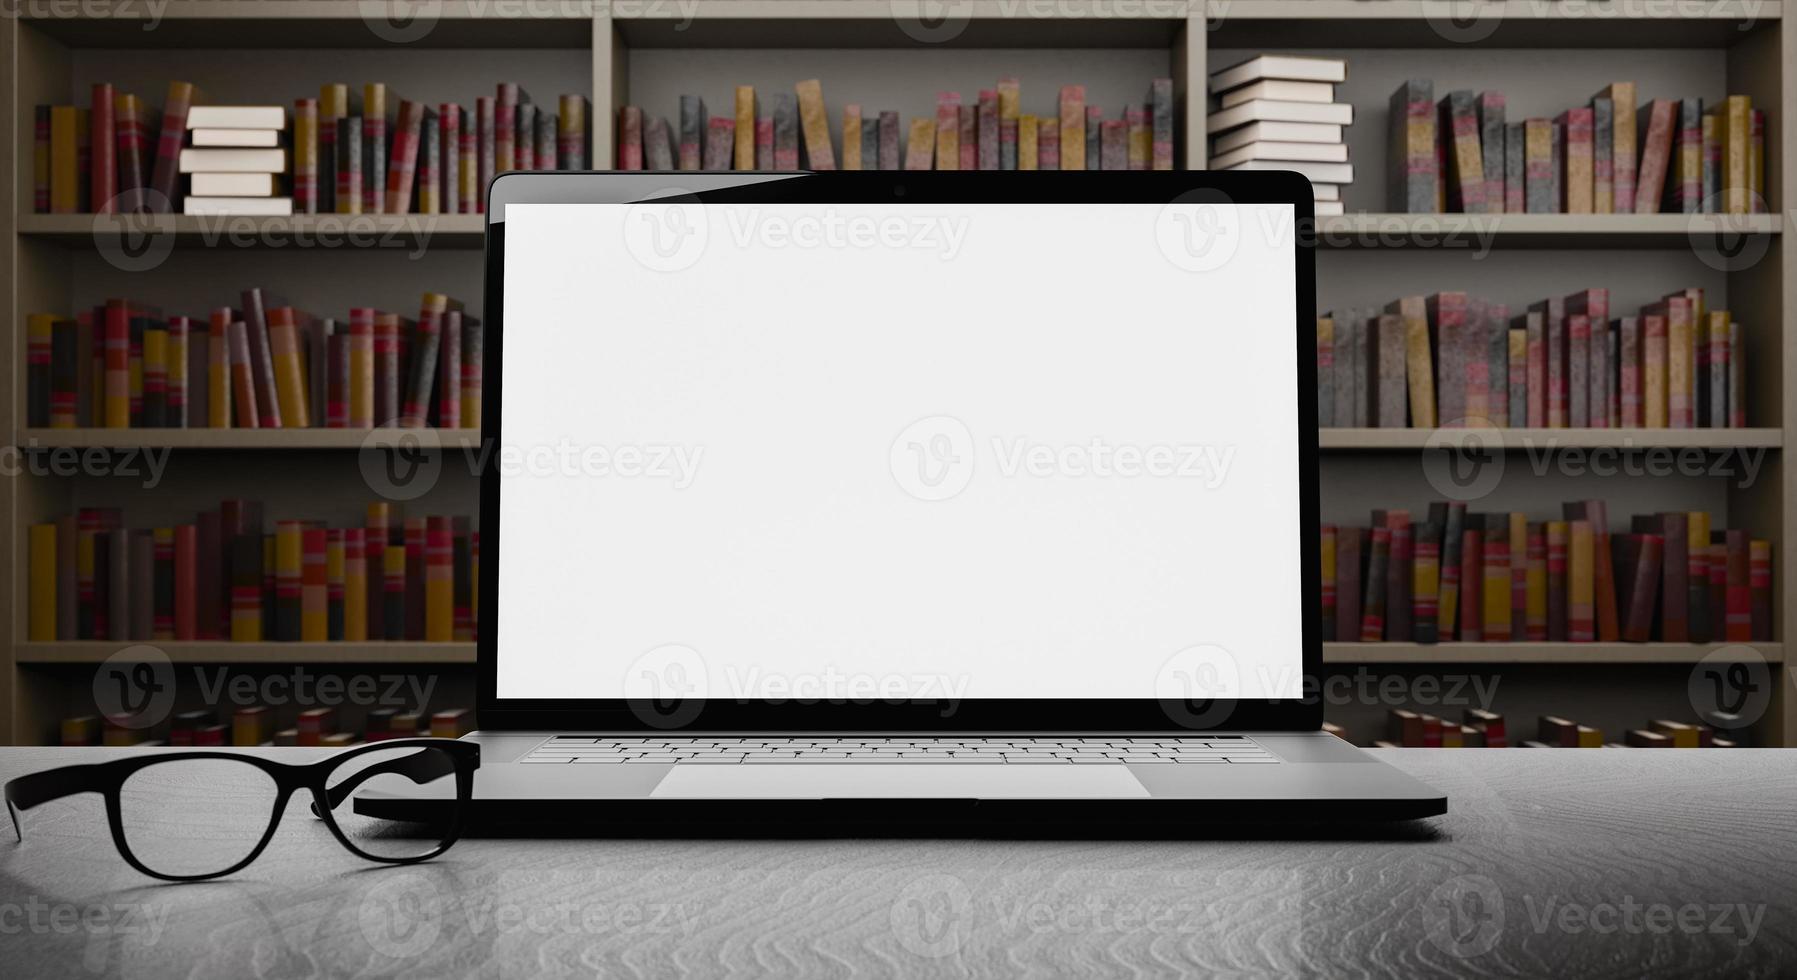 ordinateur portable avec bibliothèque en arrière-plan photo